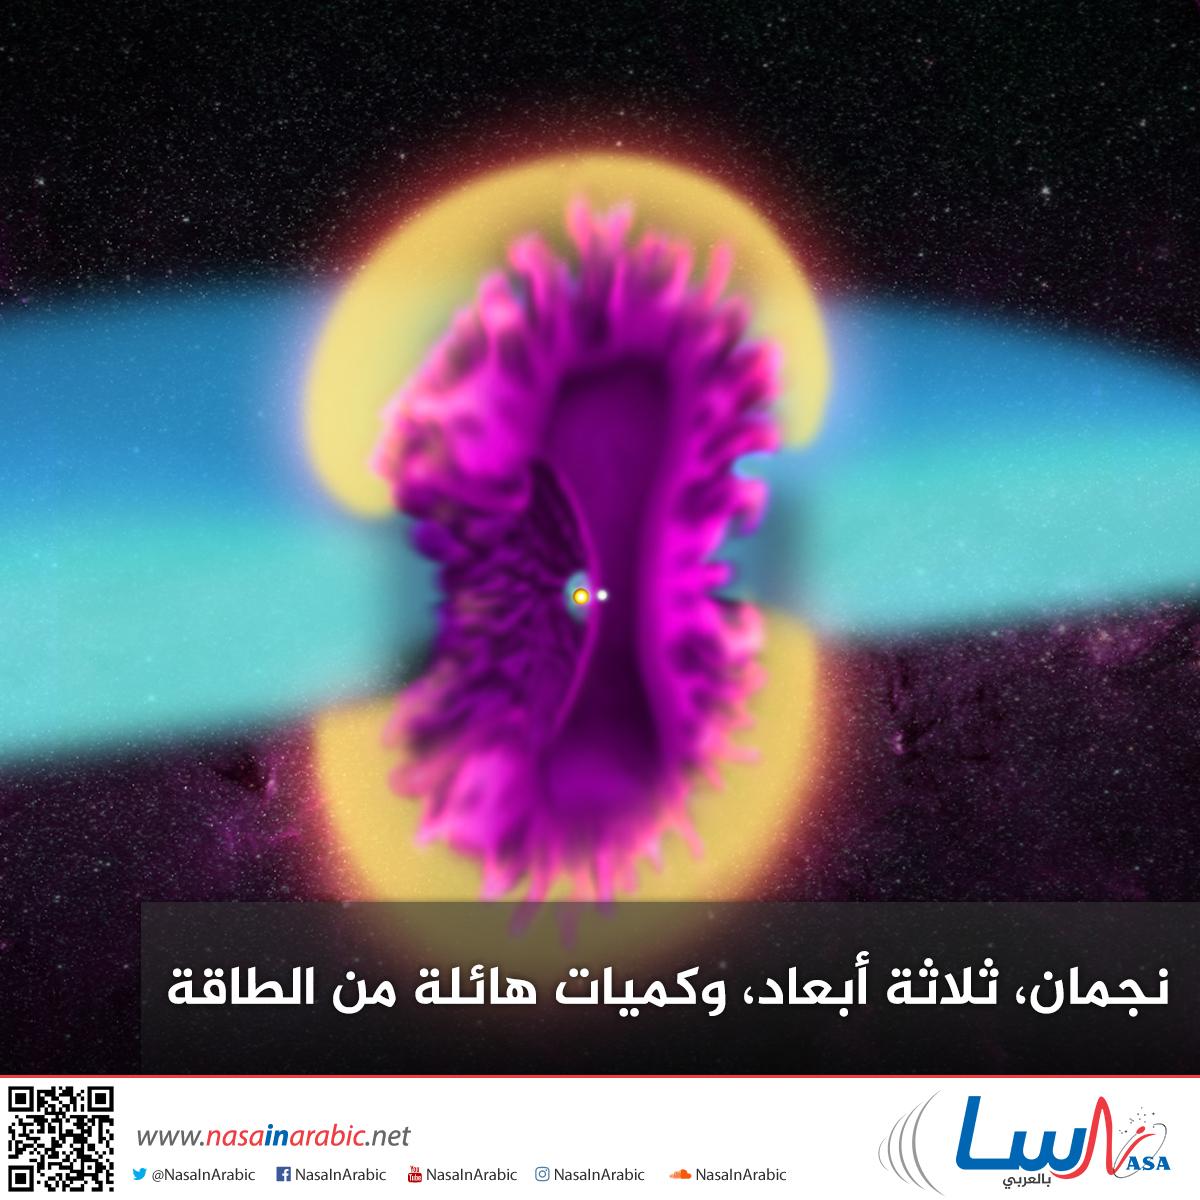 نجمان، ثلاثة أبعاد، وكميات هائلة من الطاقة